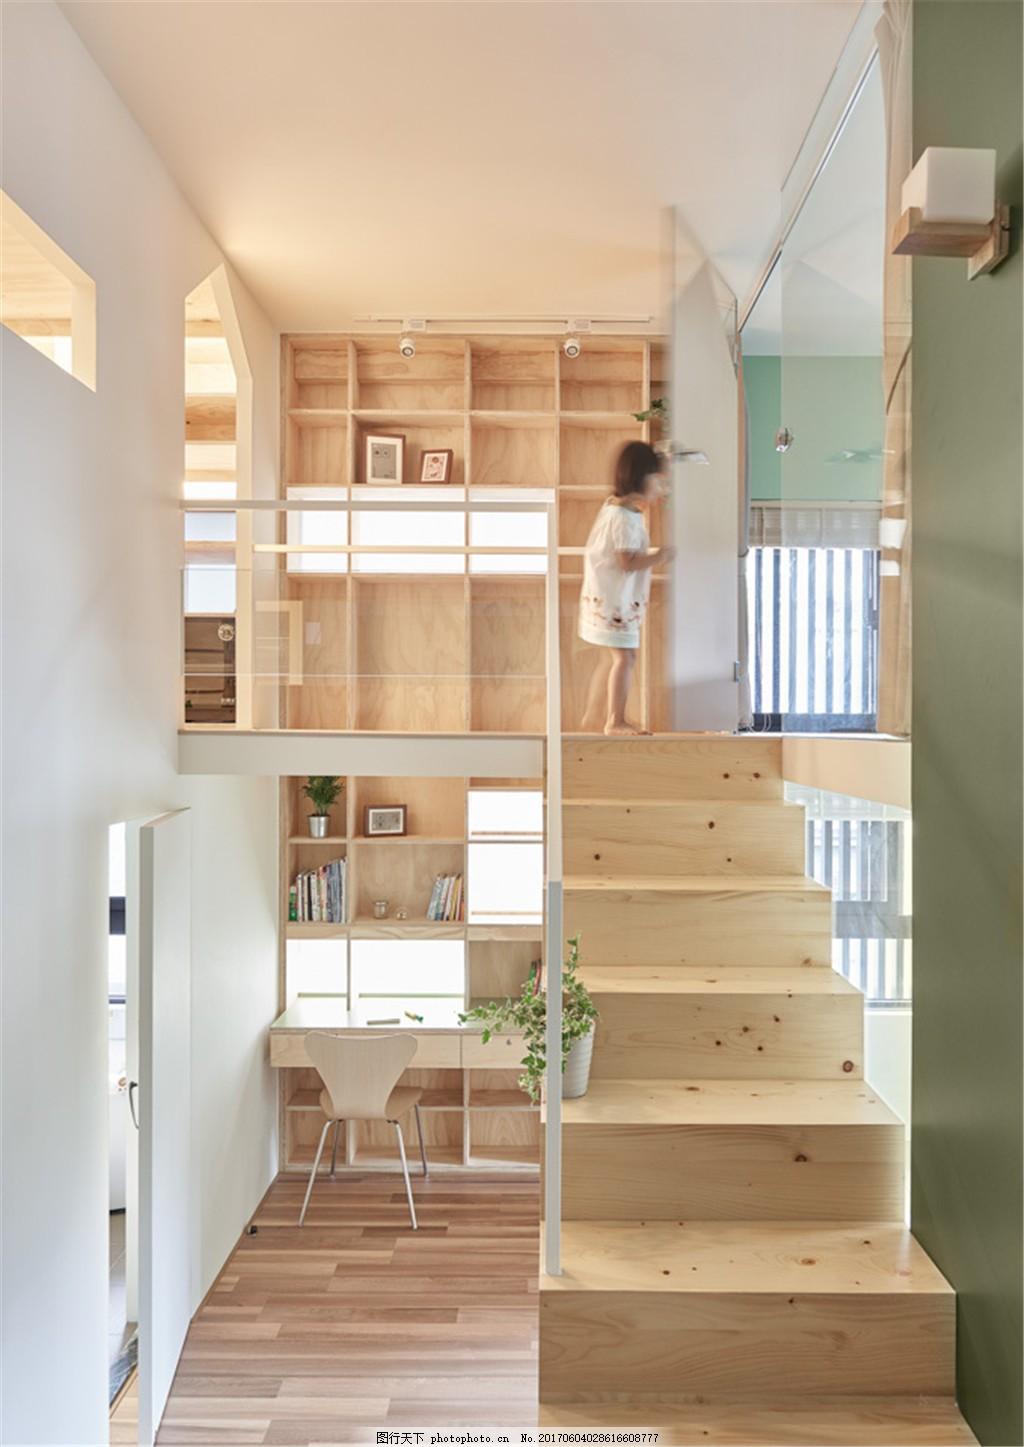 北欧现代楼中楼装修效果图 室内设计 家装效果图 欧式装修效果图 时尚